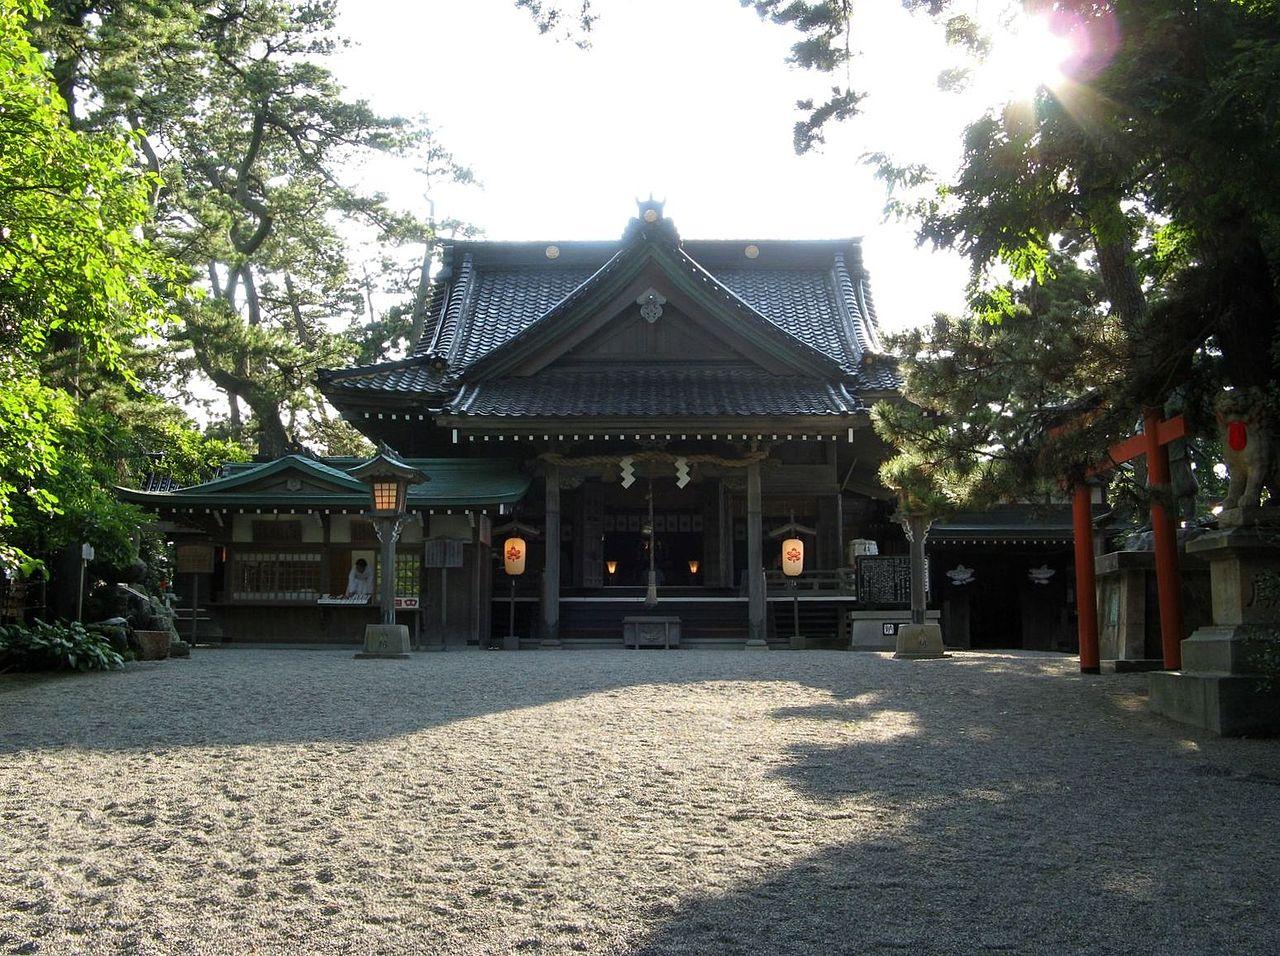 安宅住吉神社 - Wikipedia